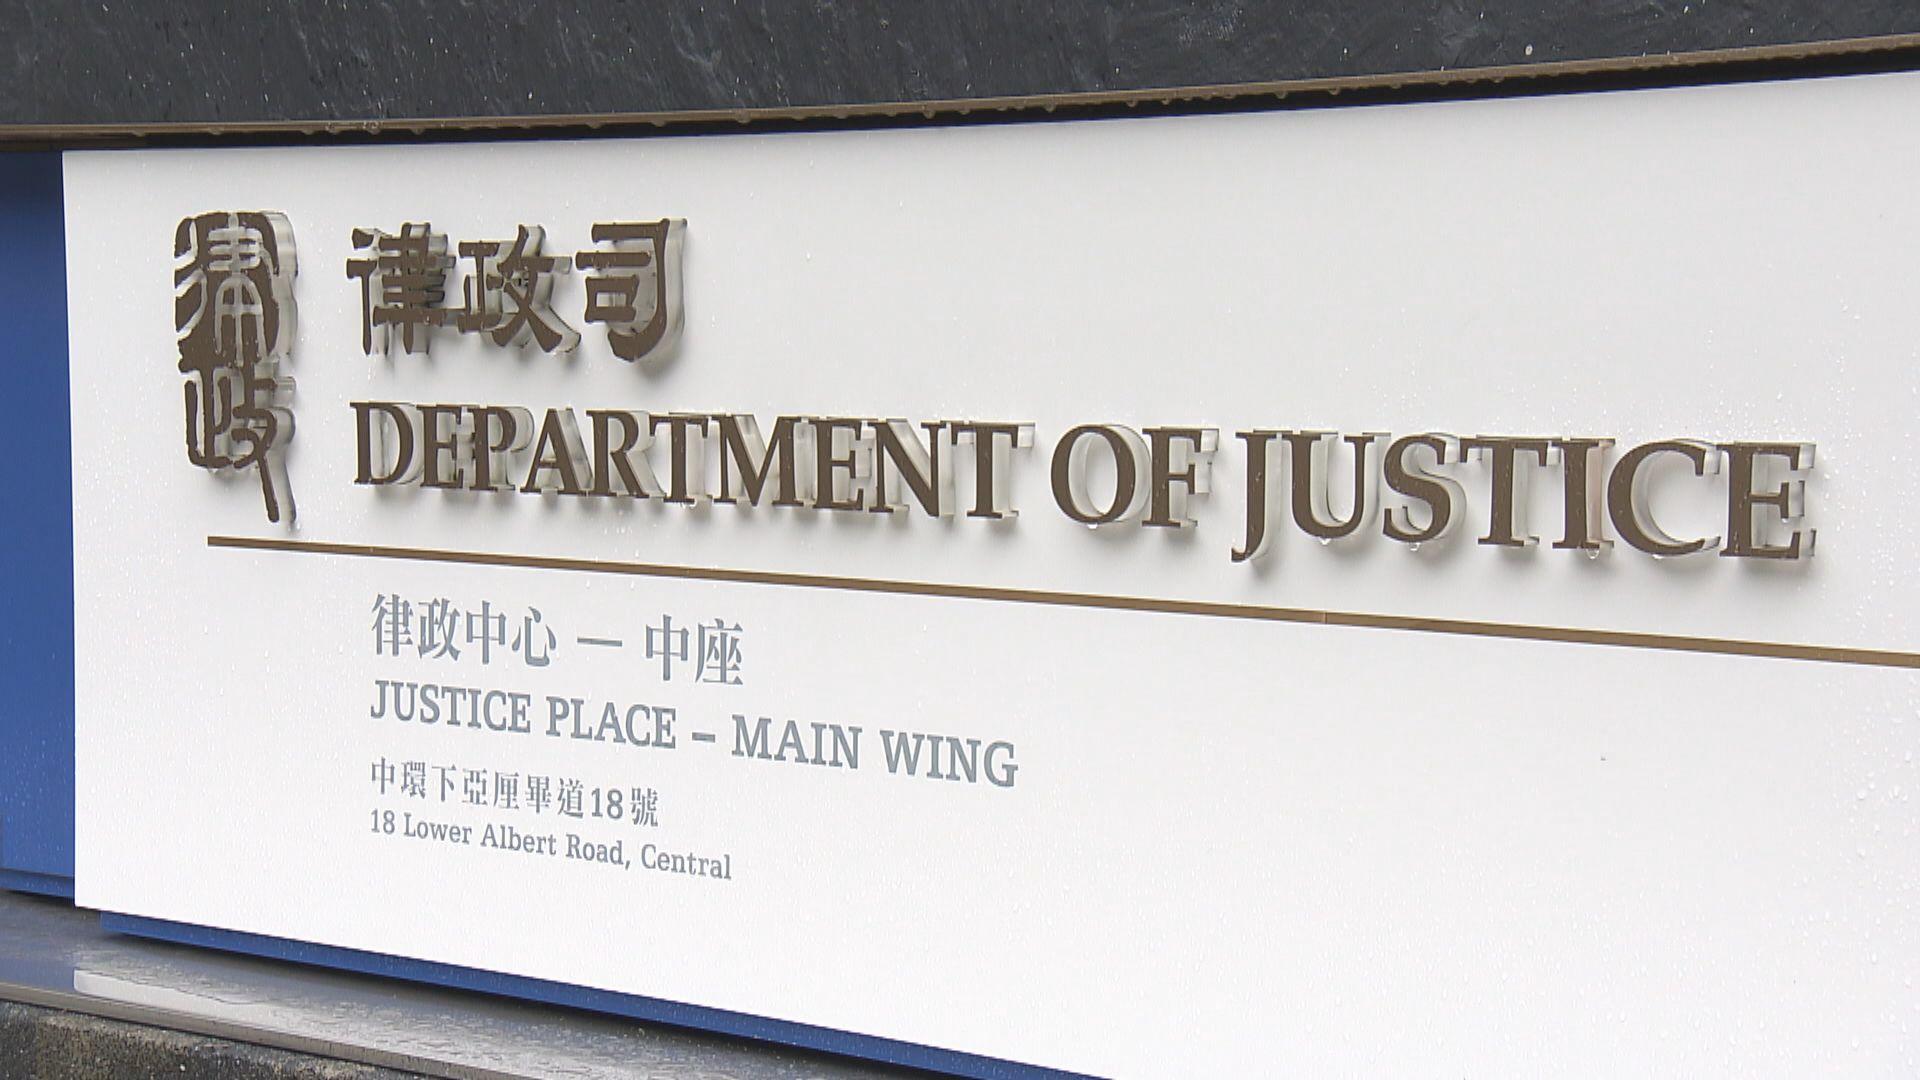 律政司:司法程序仍進行 對上訴庭拒暫緩令不宜作評論